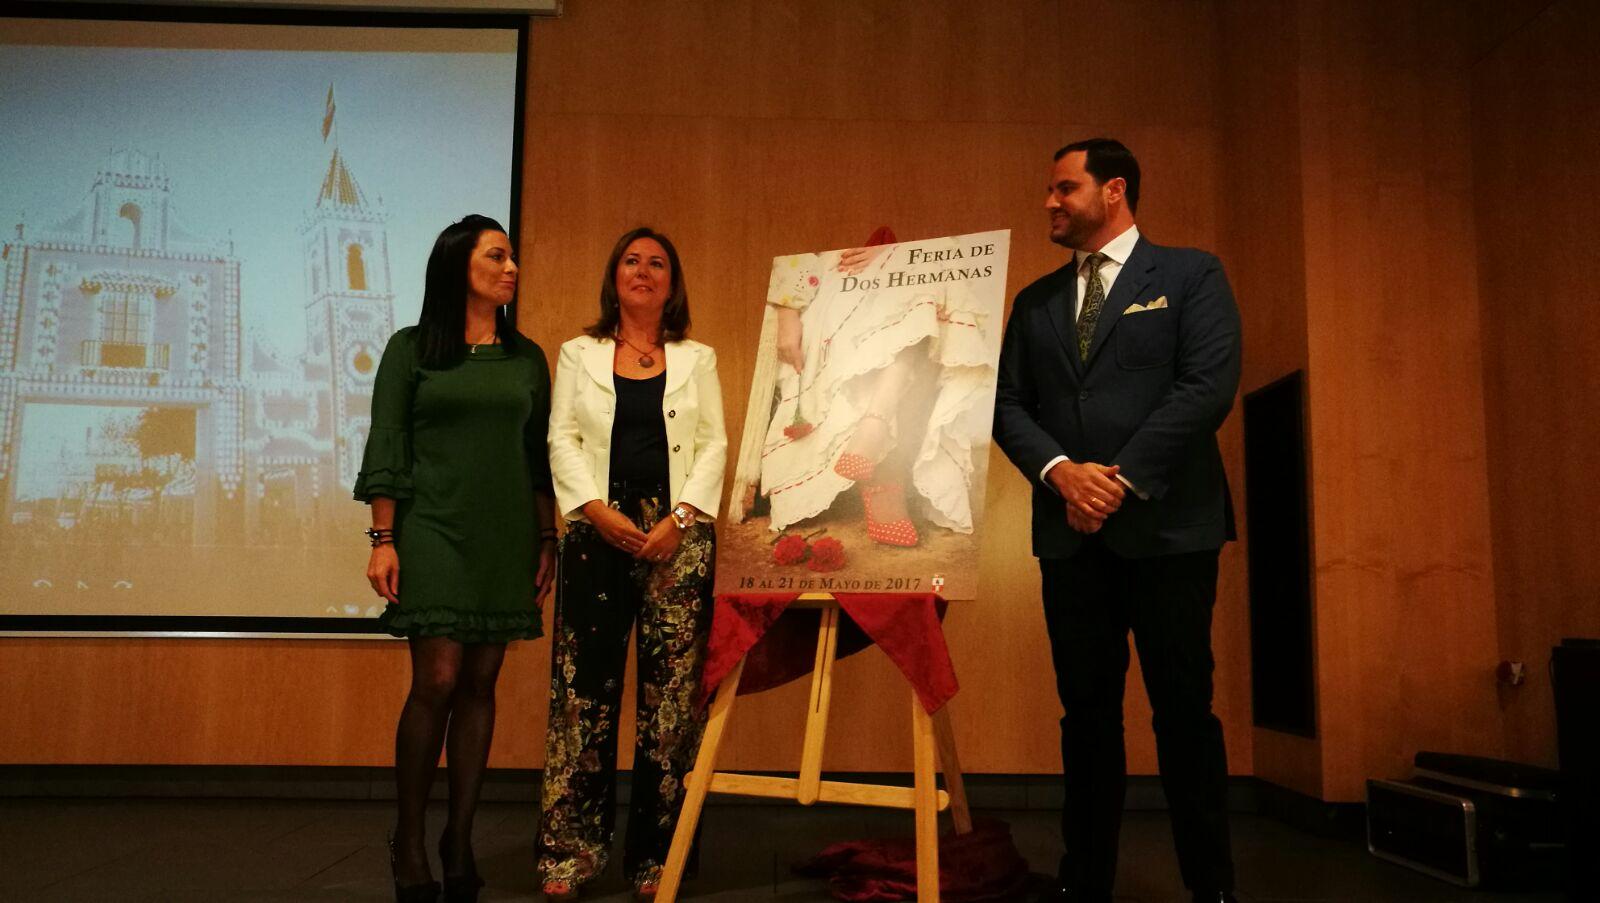 Presentación del cartel de la Feria de Mayo de Daniel Vaquero Fornet